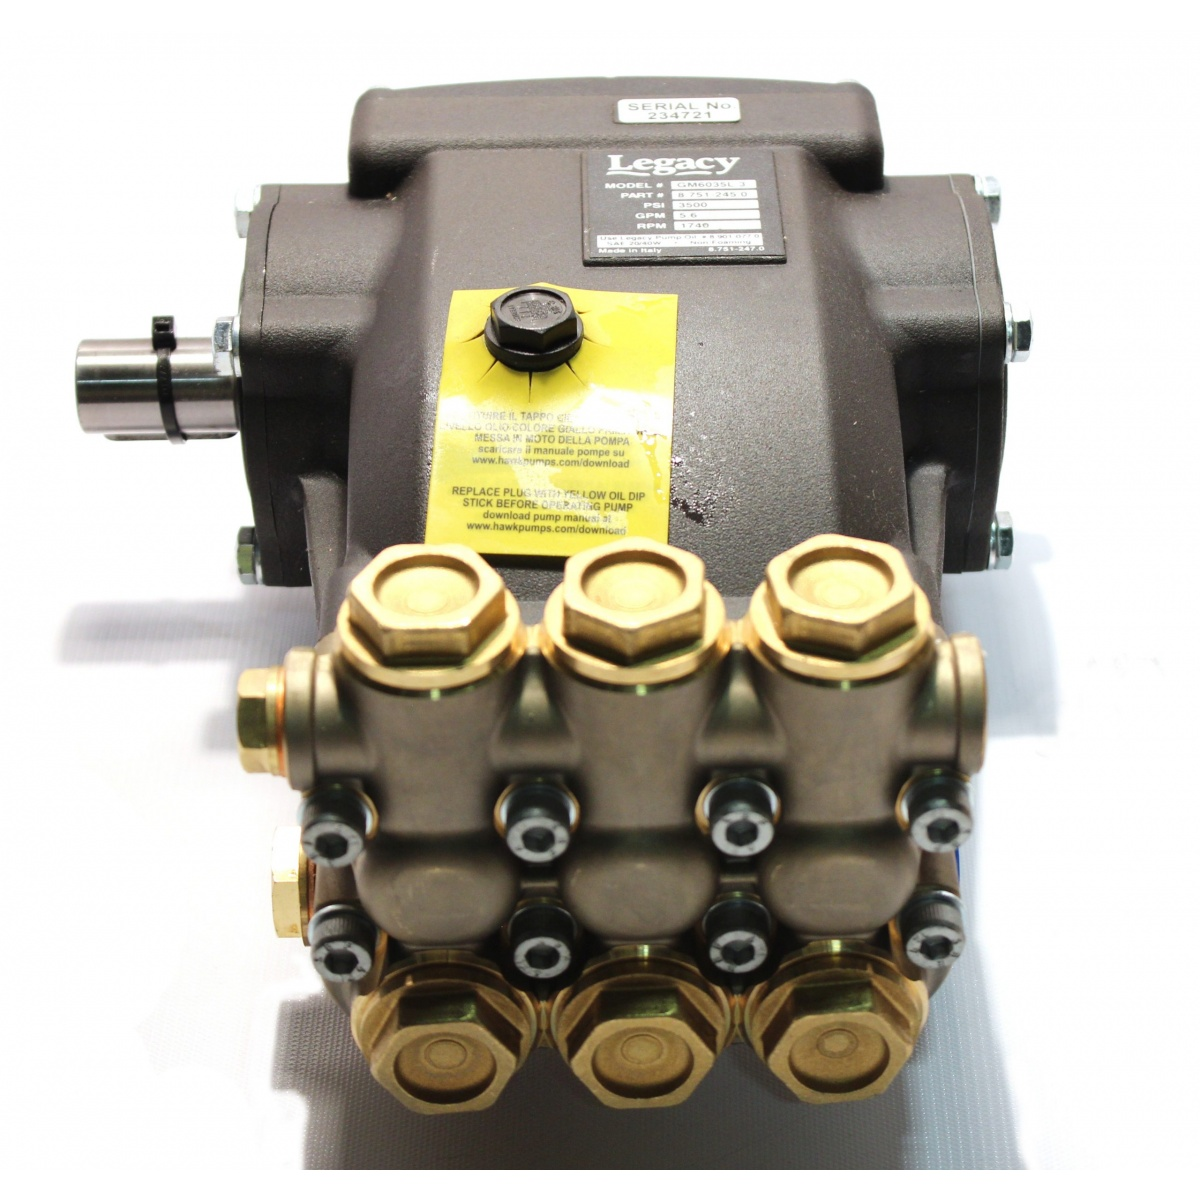 Pump, Legacy Gm6035l.3, 5.6@3500 1740 Rp